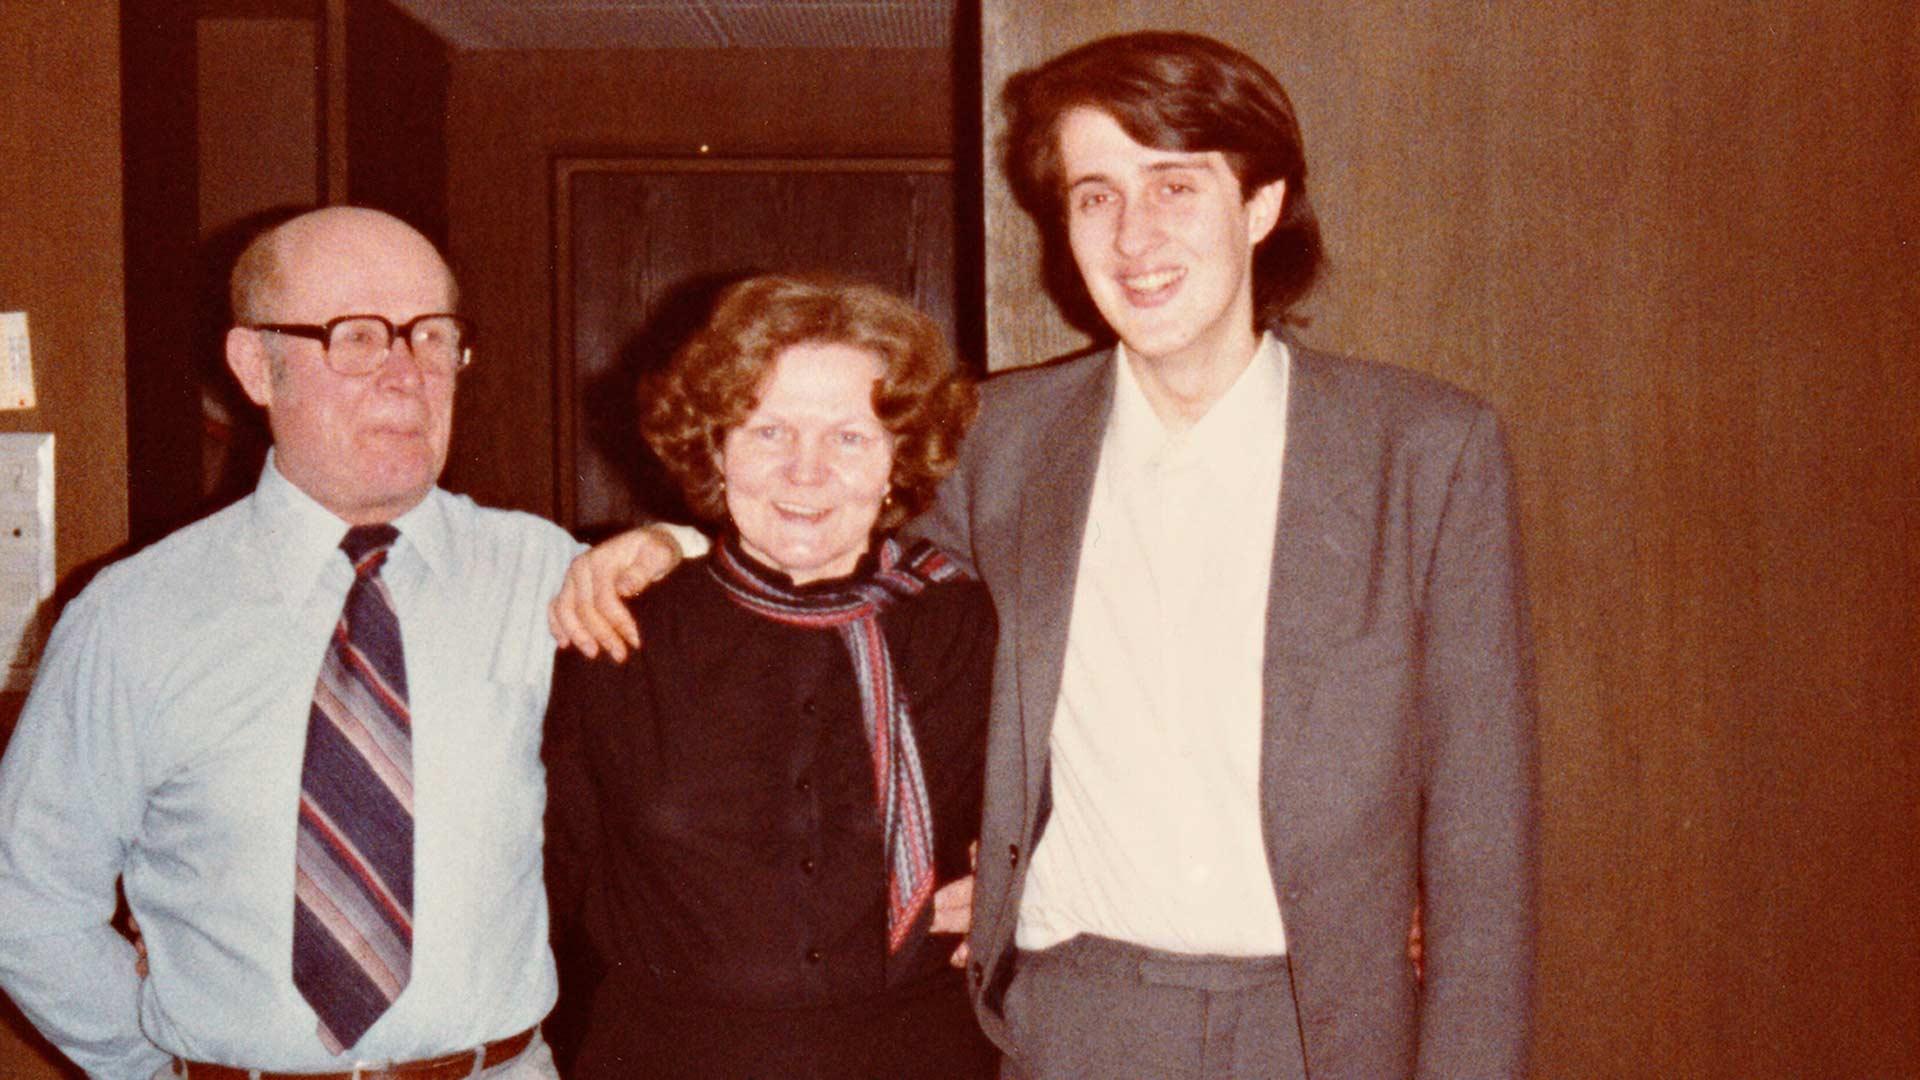 Maaliskuussa 1984 Taavi ja Maija Seppä matkustivat Tallinnaan tapaamaan uudestaan Erikiä ja Heliä.